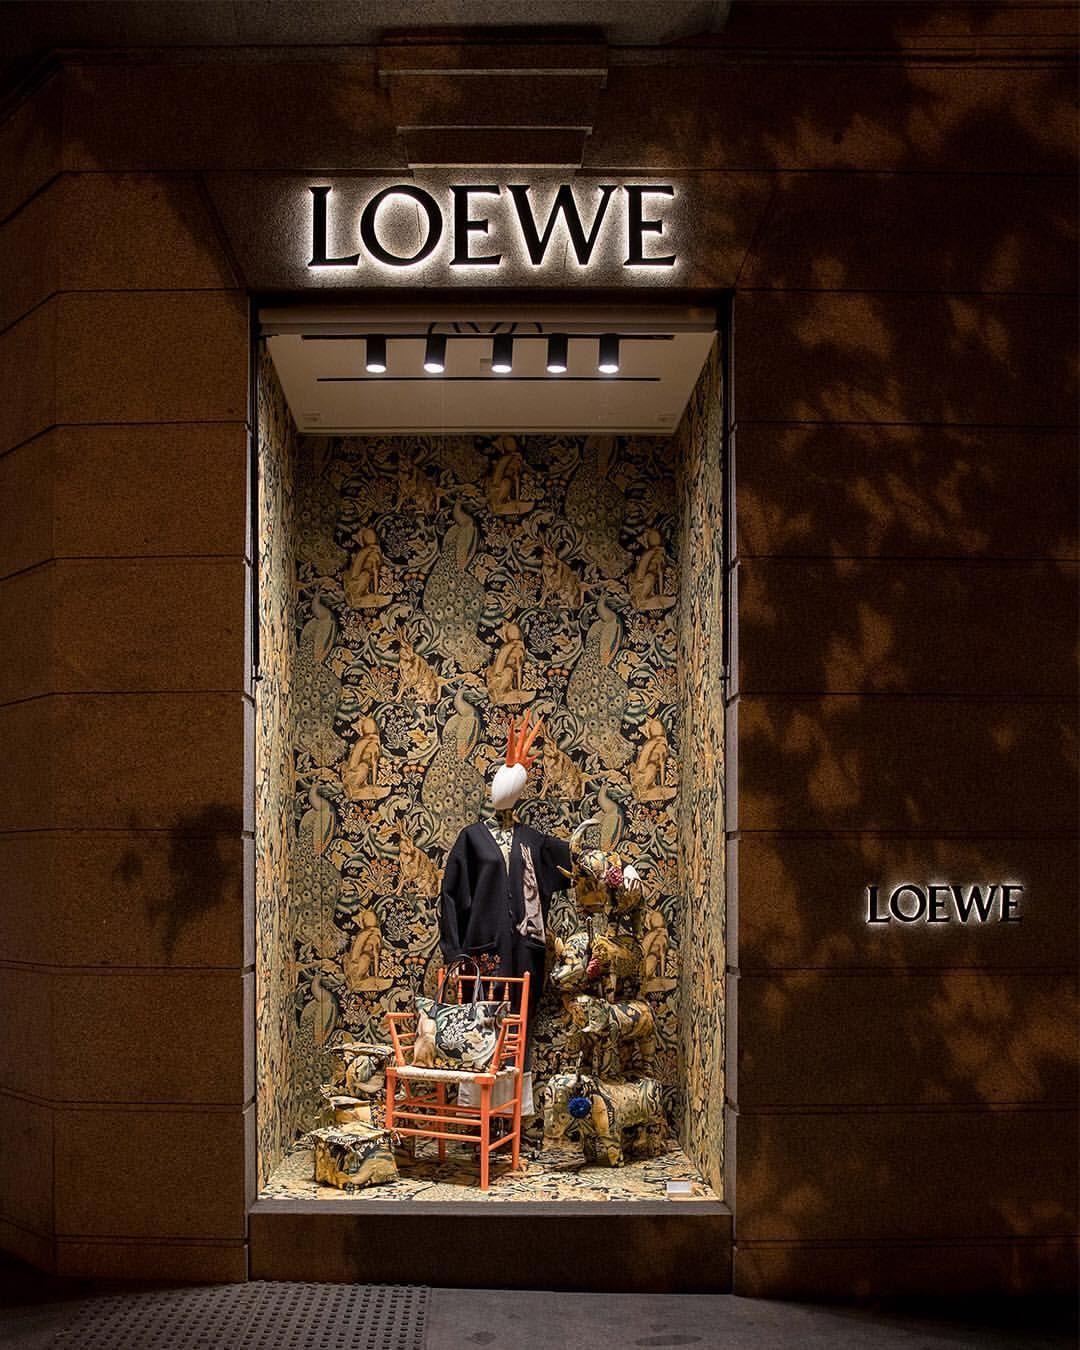 Loewe Madrid Spain William Morris Meets Punk Pinned By Ton